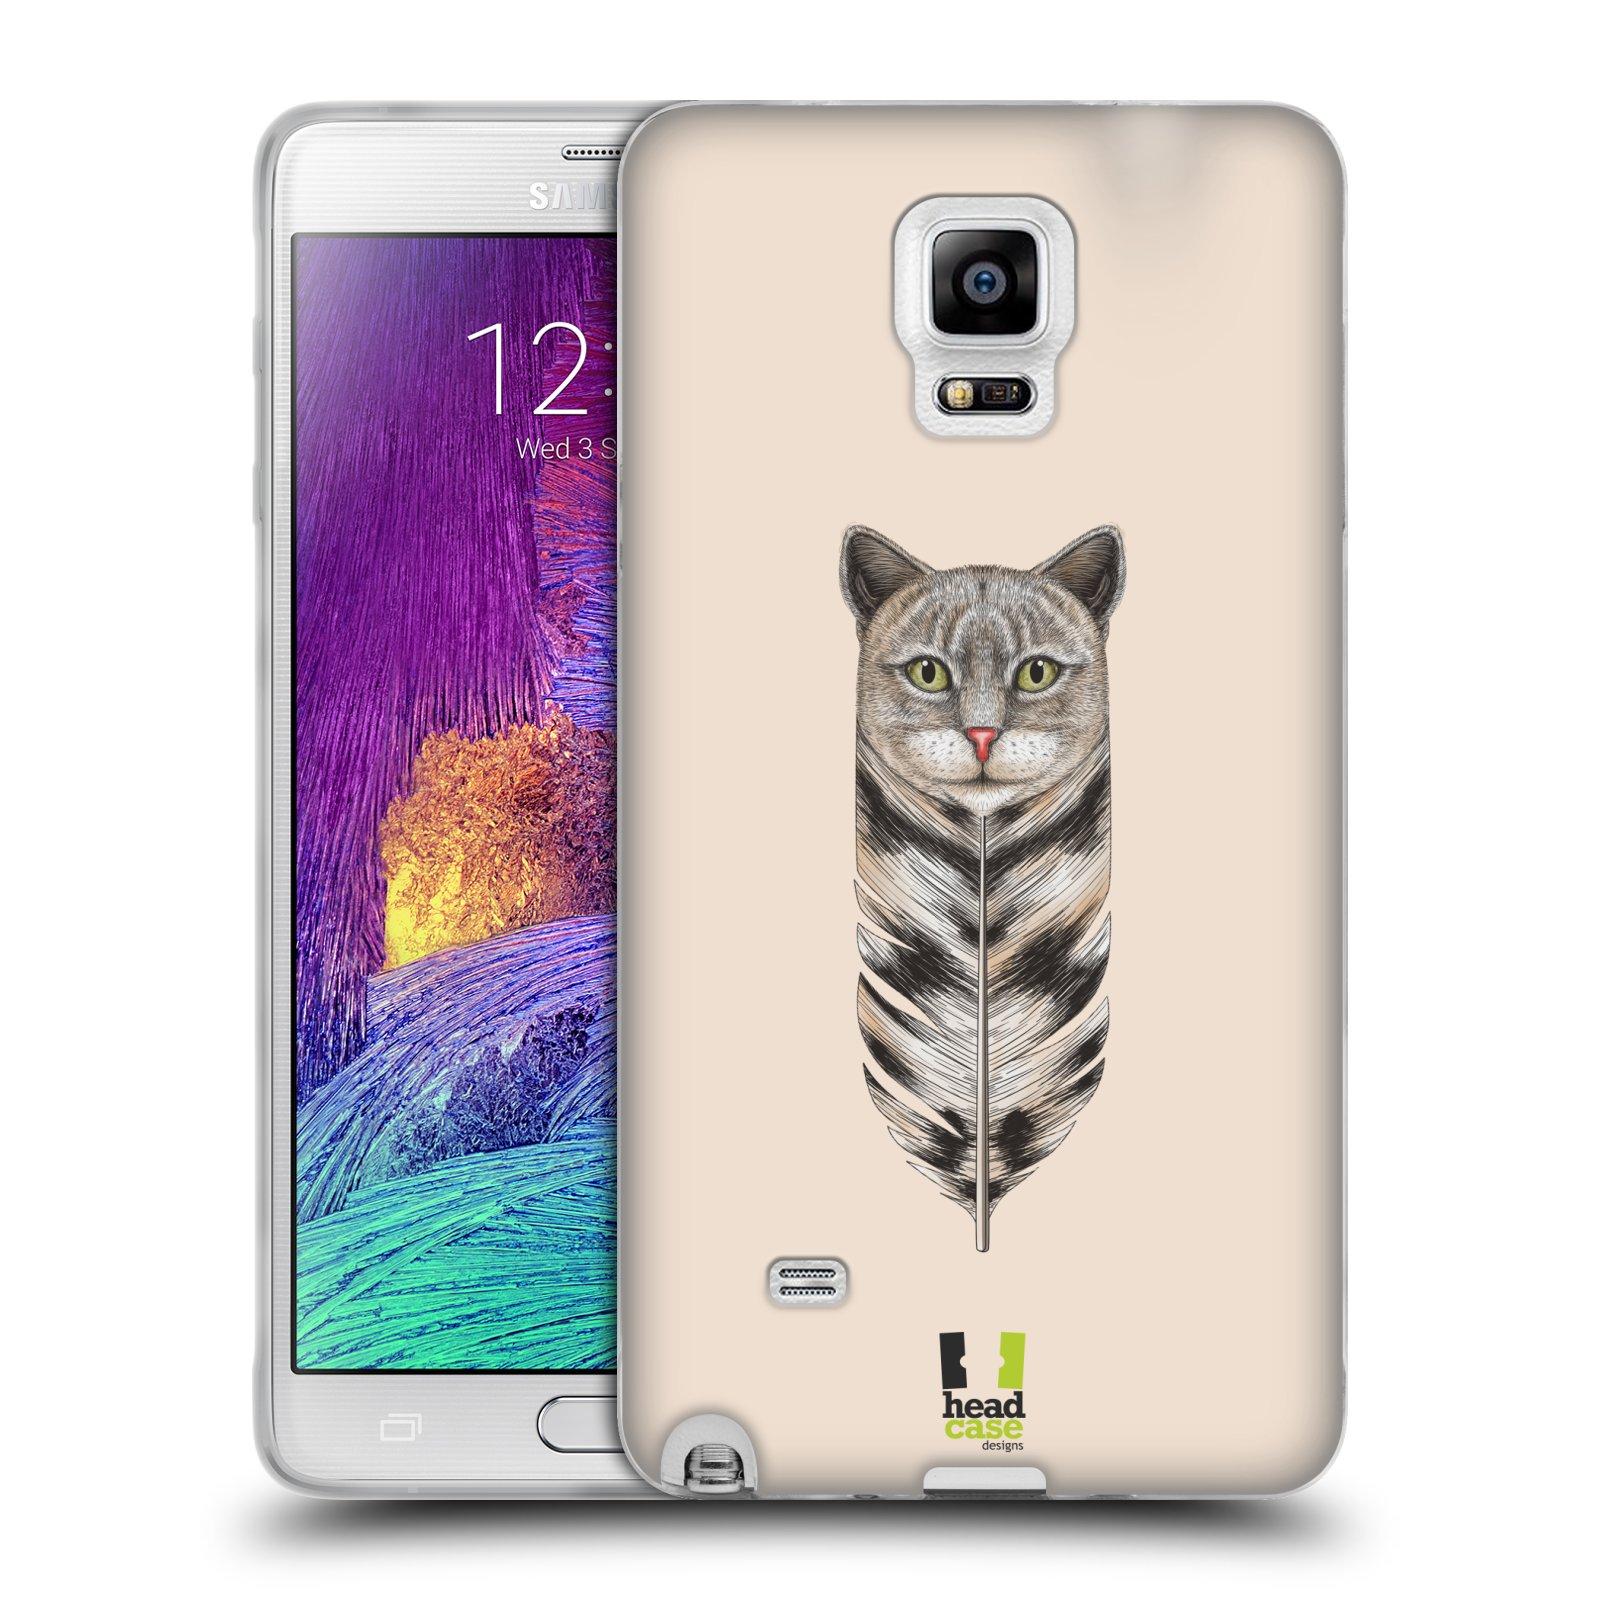 Silikonové pouzdro na mobil Samsung Galaxy Note 4 HEAD CASE PÍRKO KOČKA (Silikonový kryt či obal na mobilní telefon Samsung Galaxy Note 4 SM-N910F)